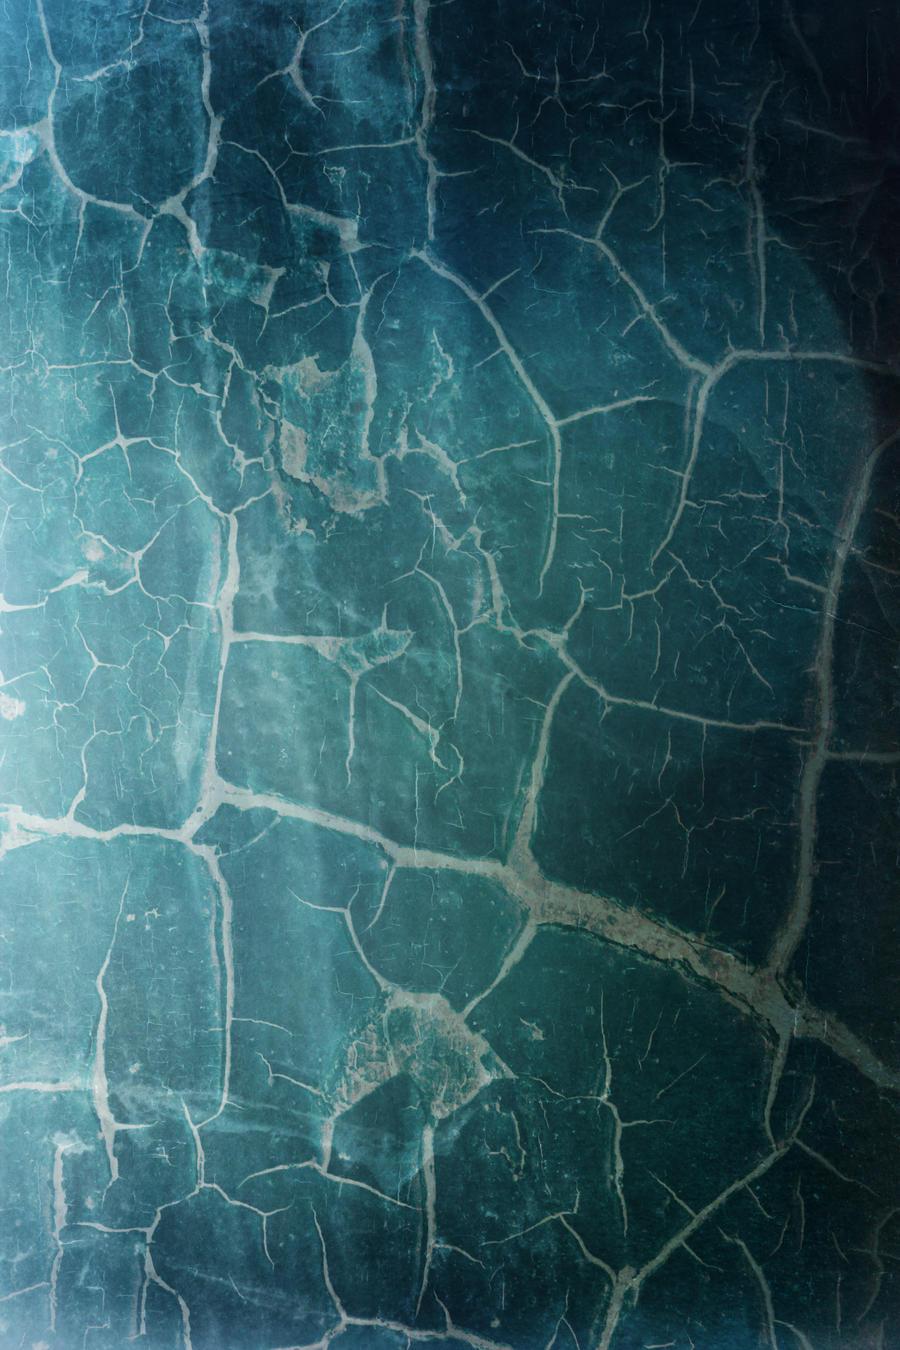 Texture 426 by Sirius-sdz